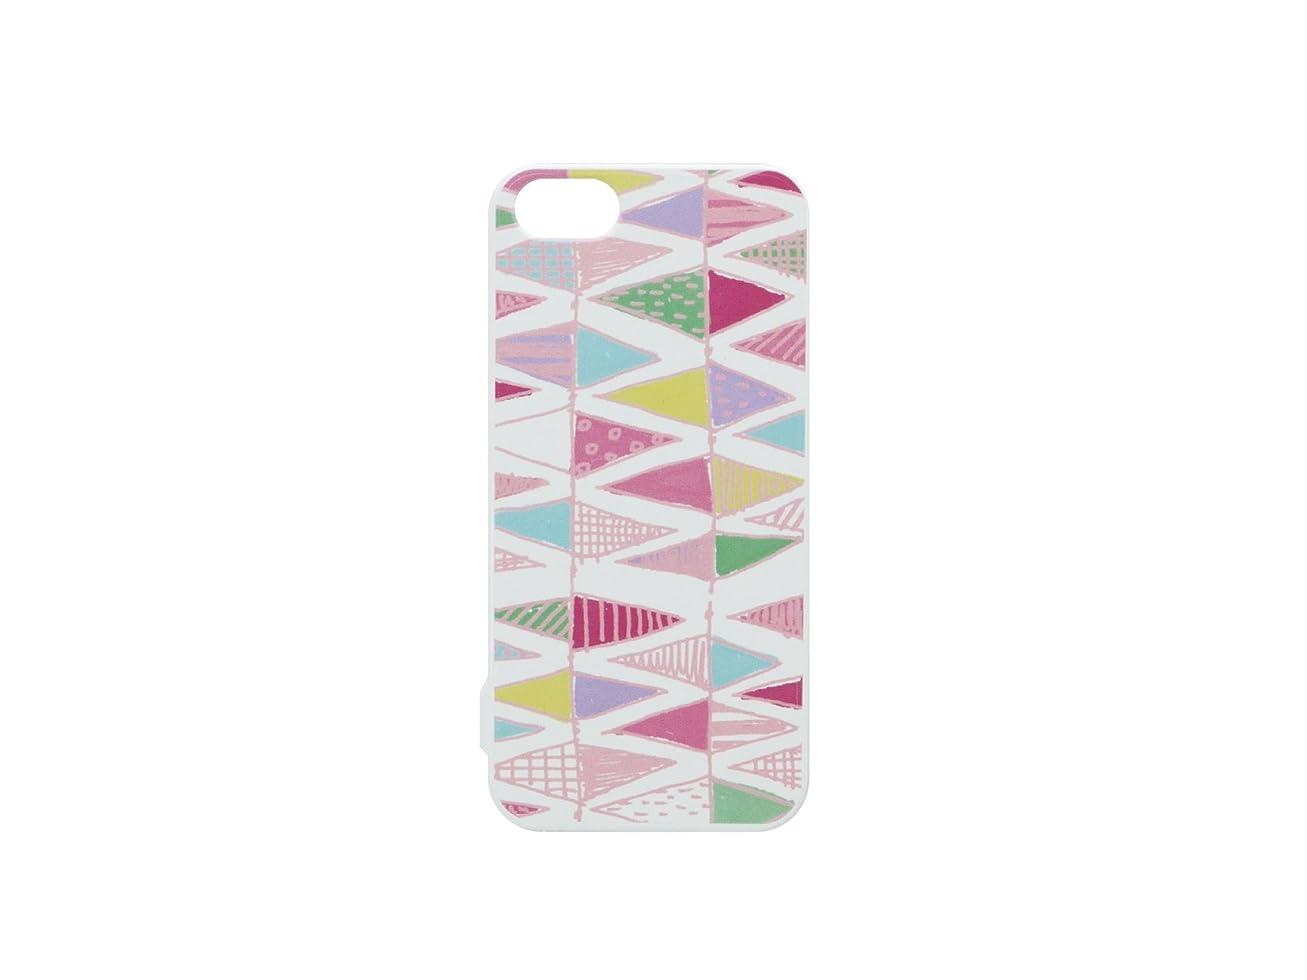 敬意コジオスコグリース現代百貨 iPhone5/5S カバー スフラ フラッグ K643-FL